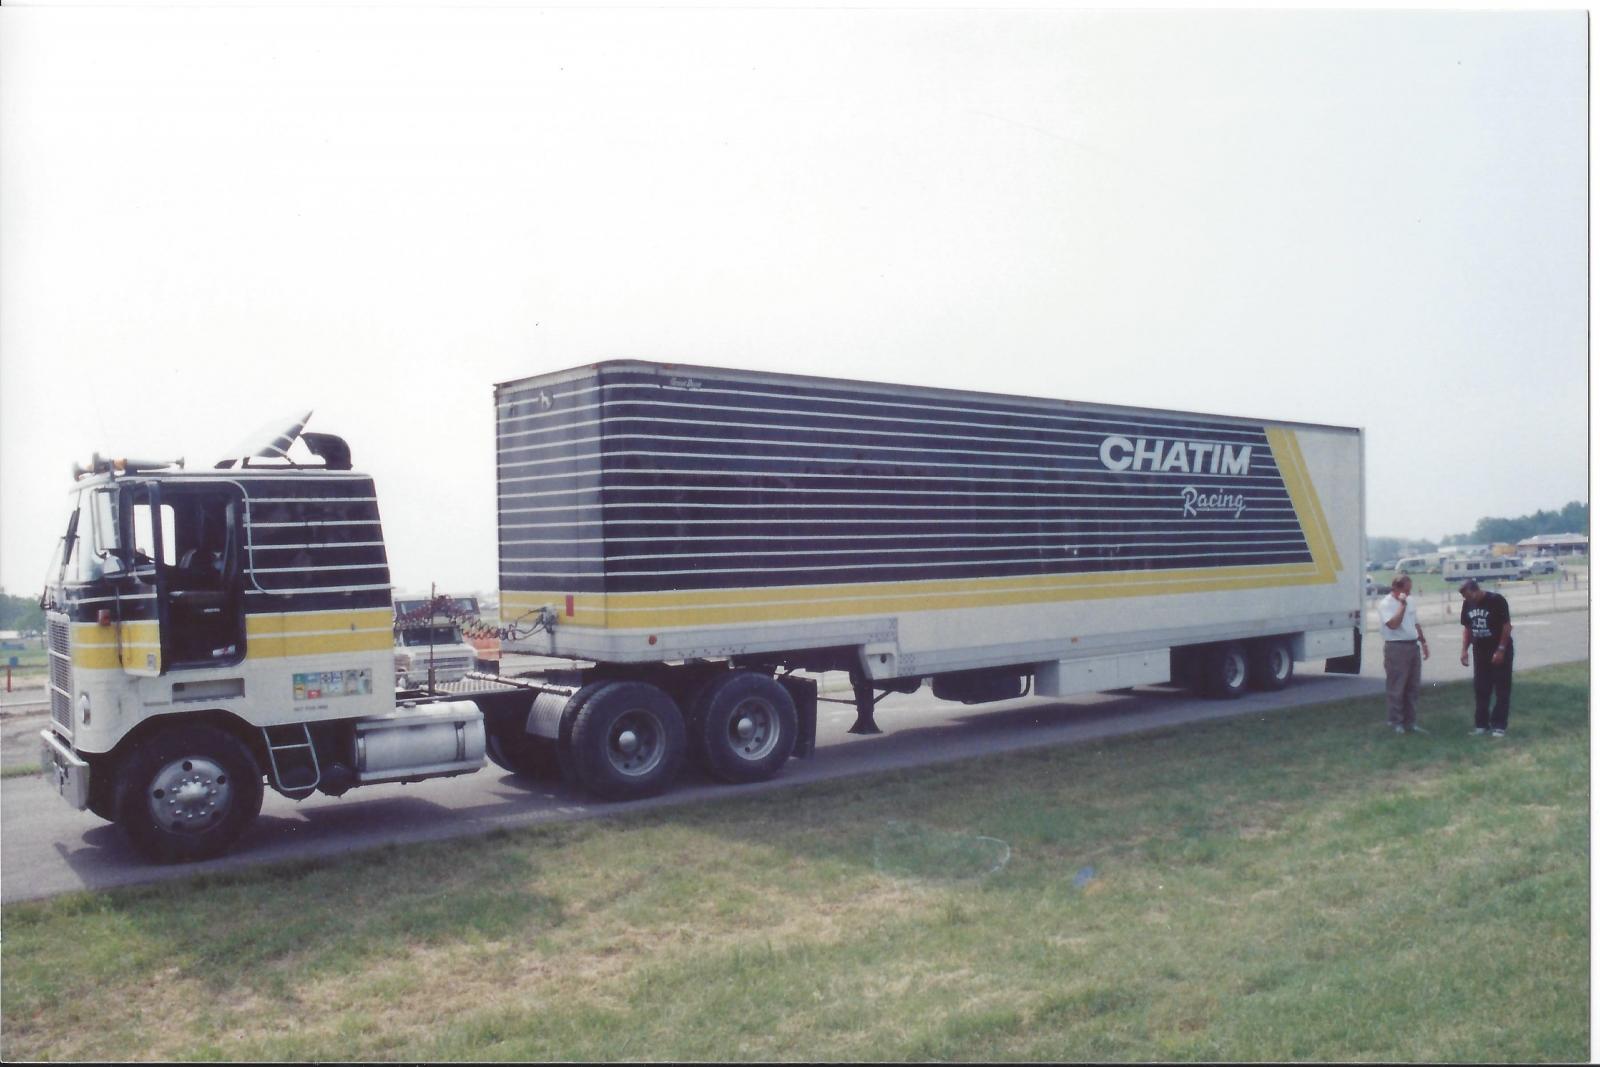 Chatim Racing